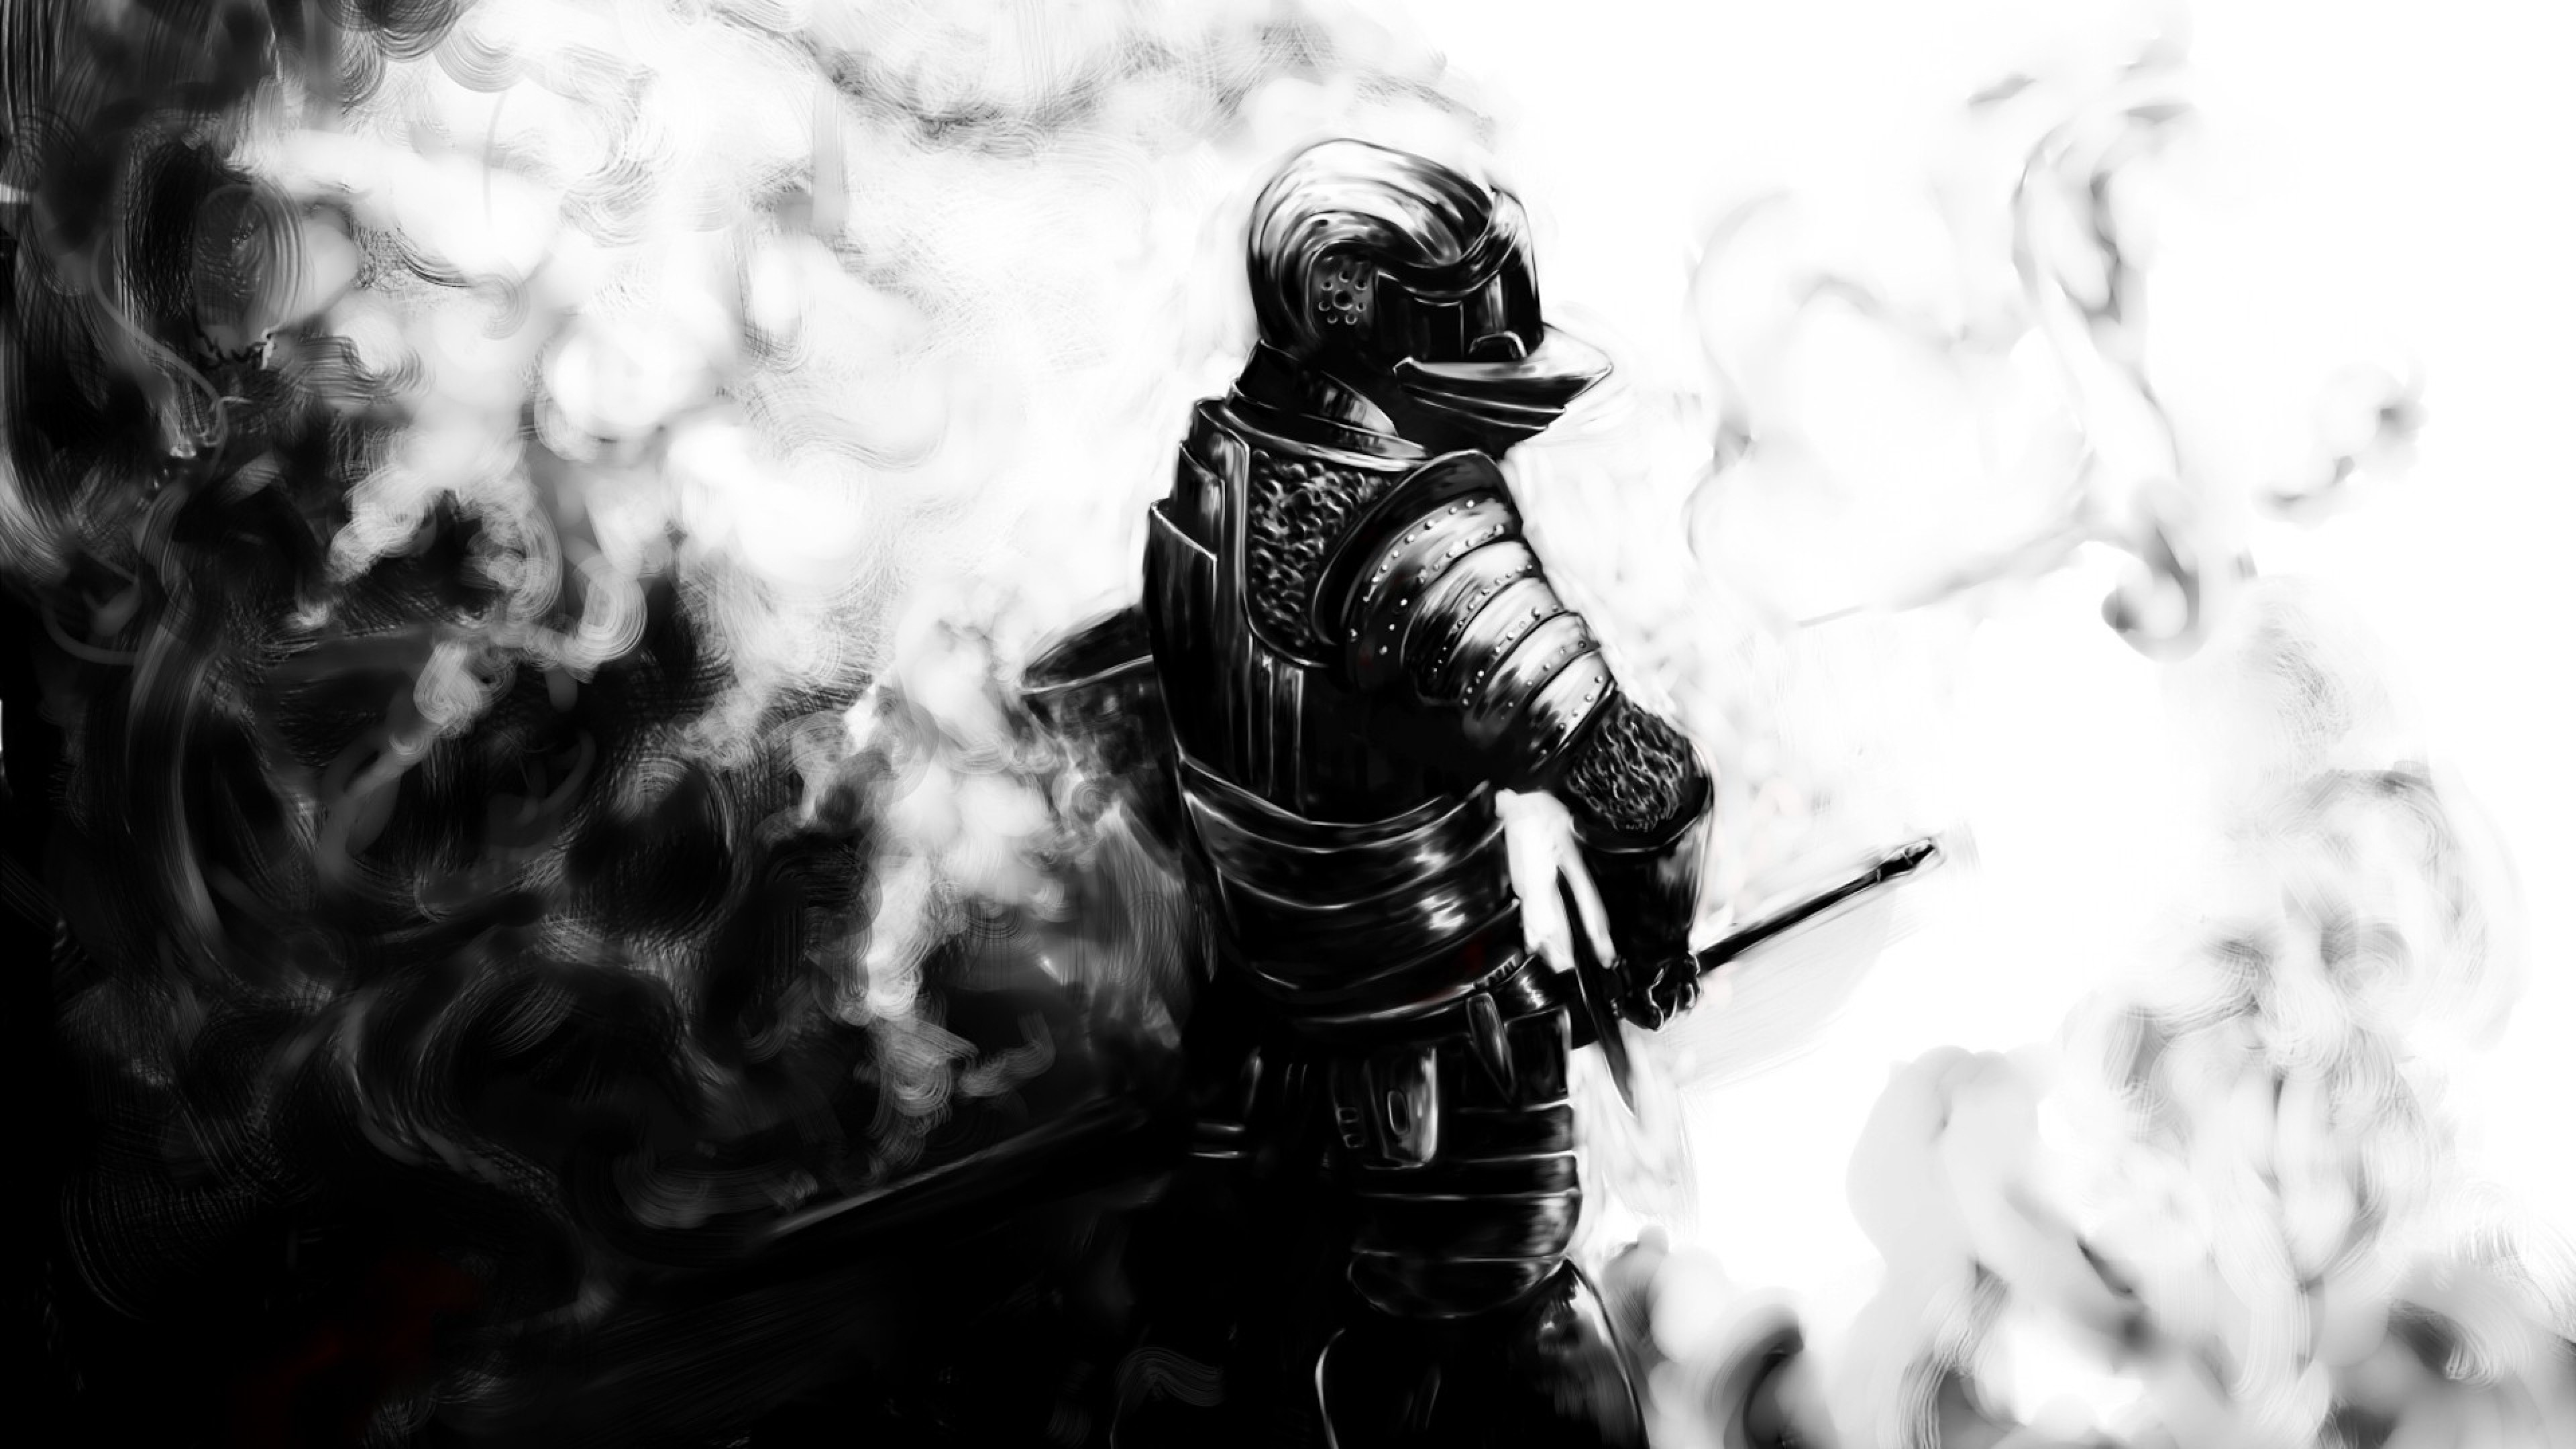 Dark souls, Knight, Sword, Armor, Helmet Wallpaper, Background .